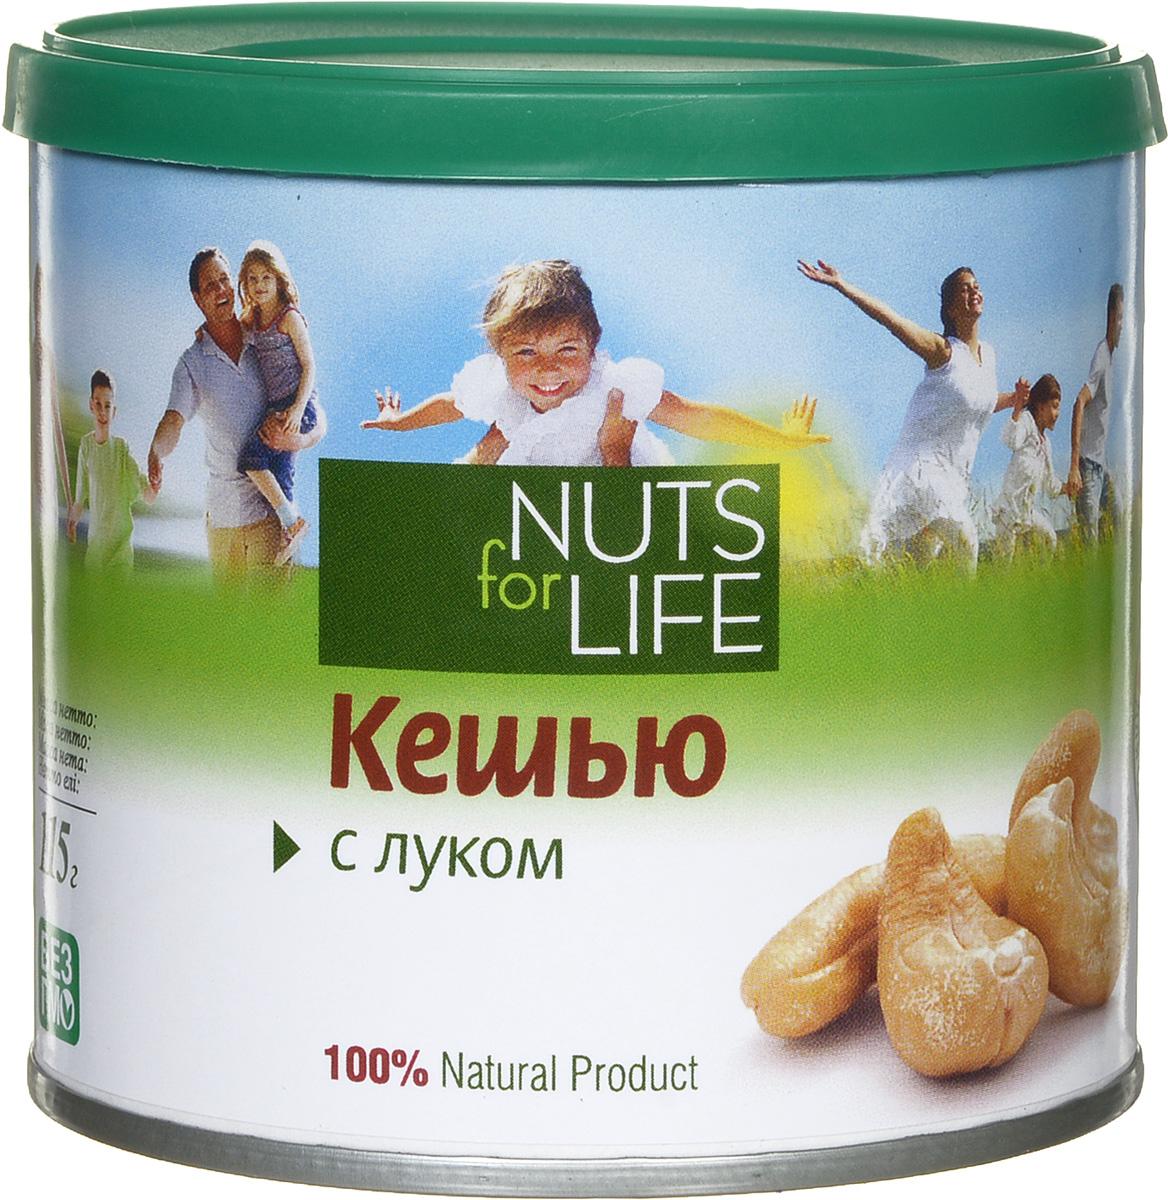 Nuts for Life Кешью обжаренный соленый с луком, 115 г